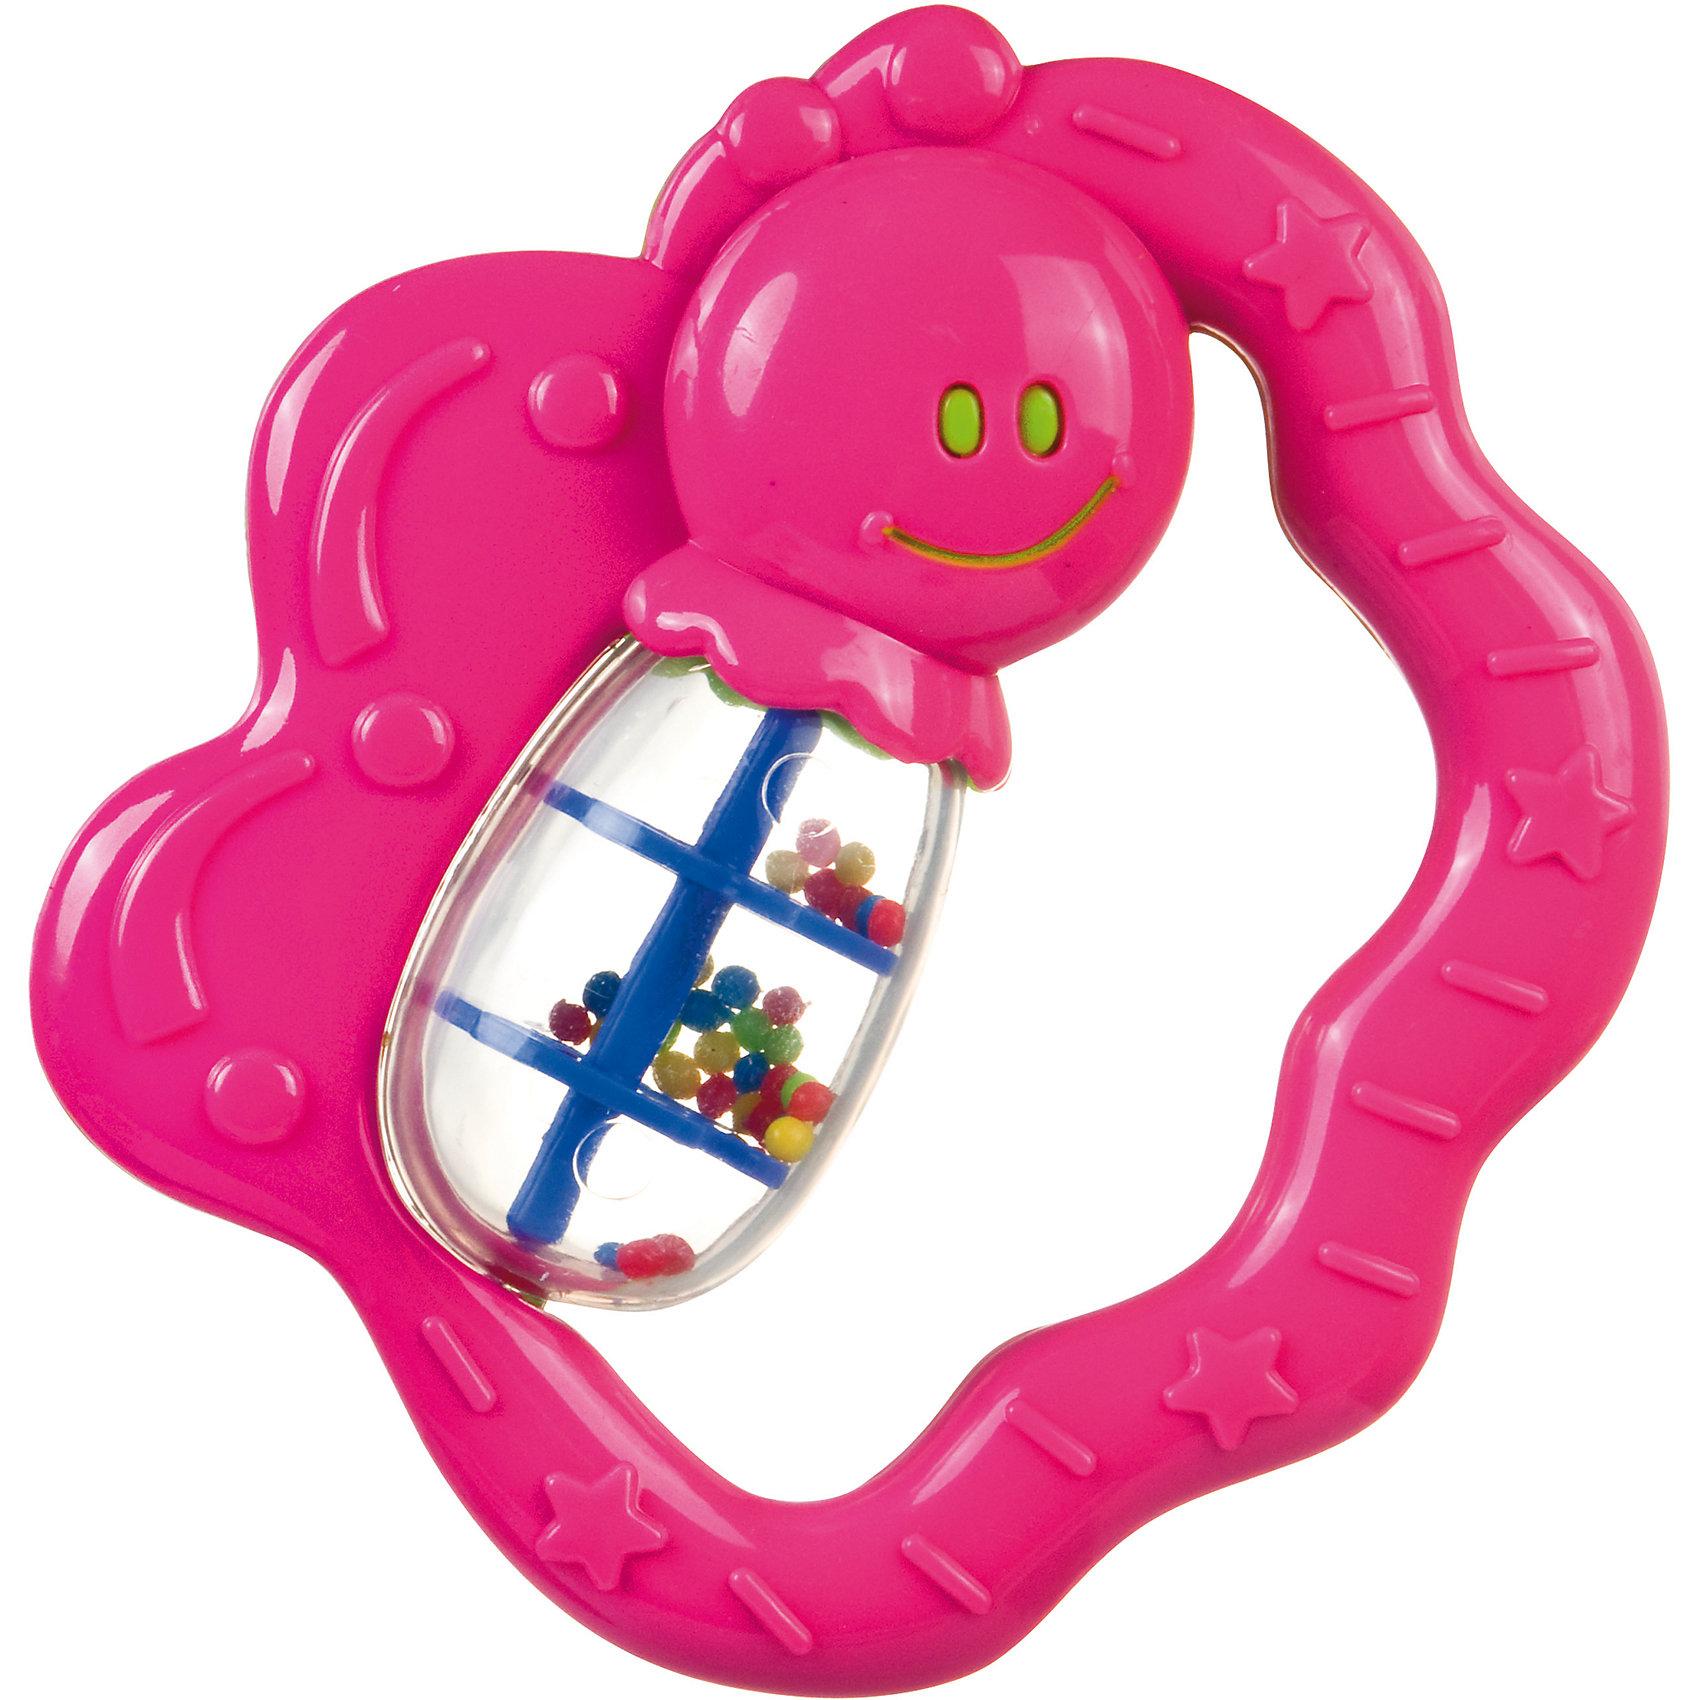 Canpol Babies Погремушка Бабочка, 0+, Canpol Babies, розовый canpol babies погремушка бабочка 0 canpol babies зеленый